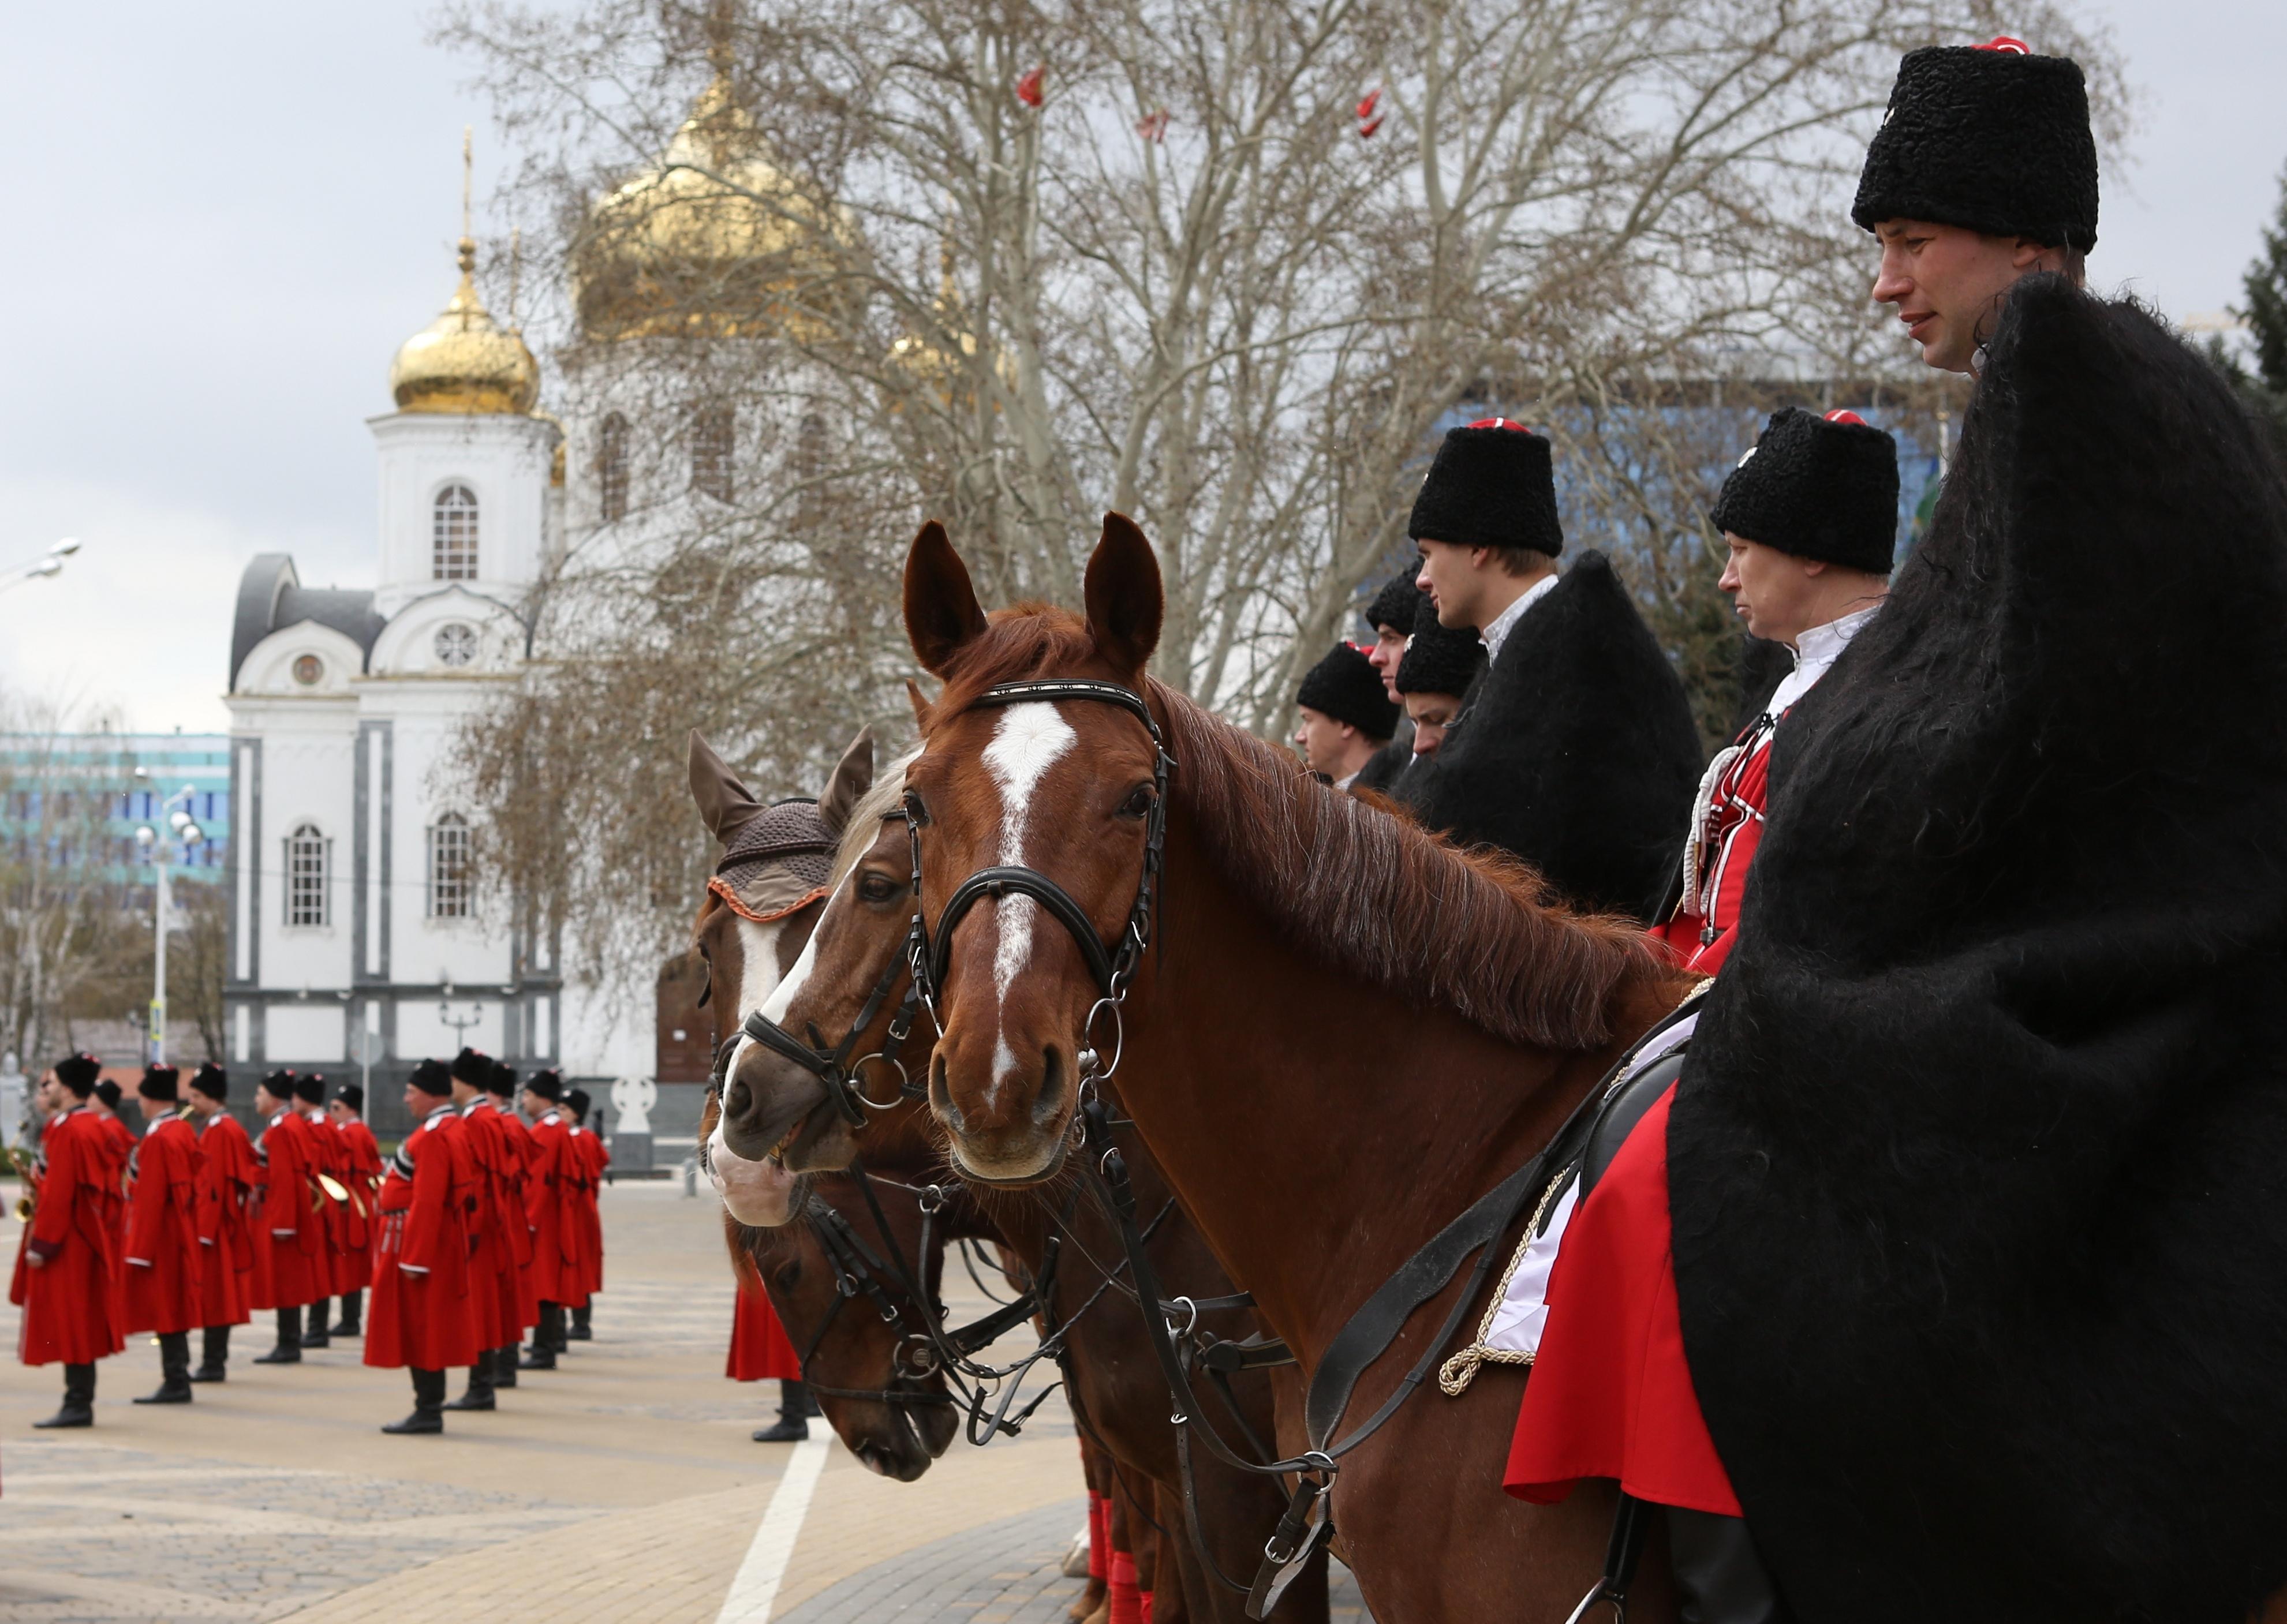 ВКраснодаре возобновят церемонию «Час славы Кубани»